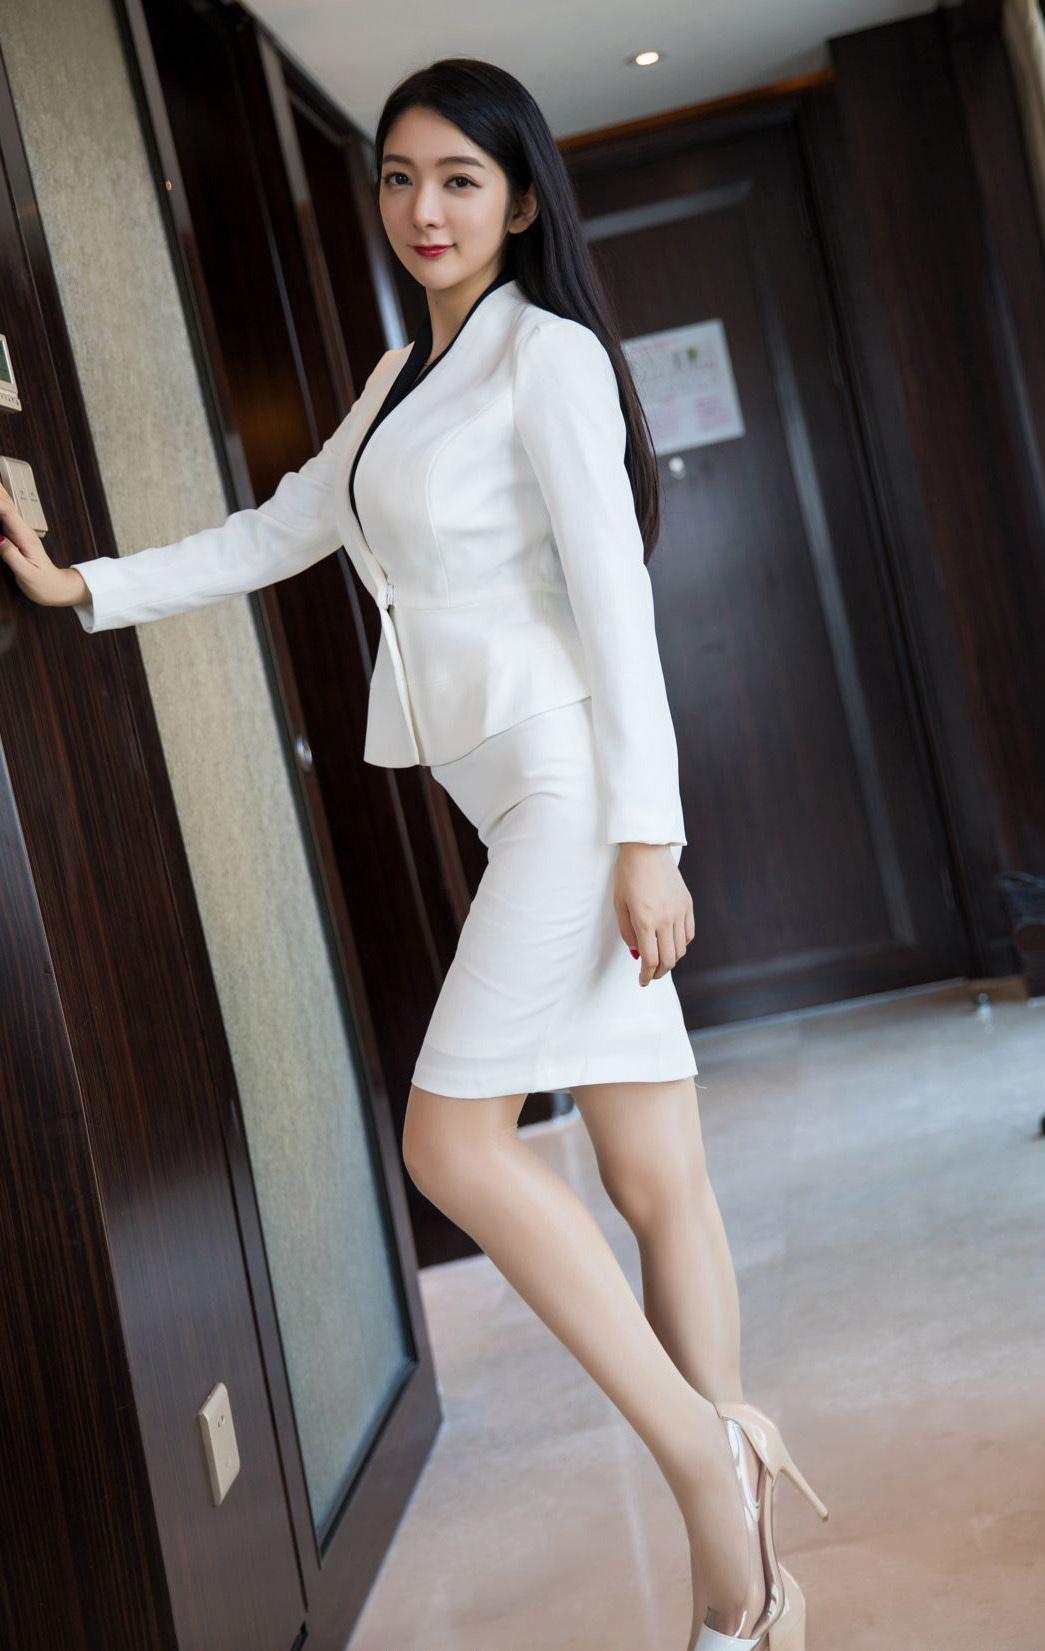 ADN-134韩国极品长腿高挑美女街拍秀